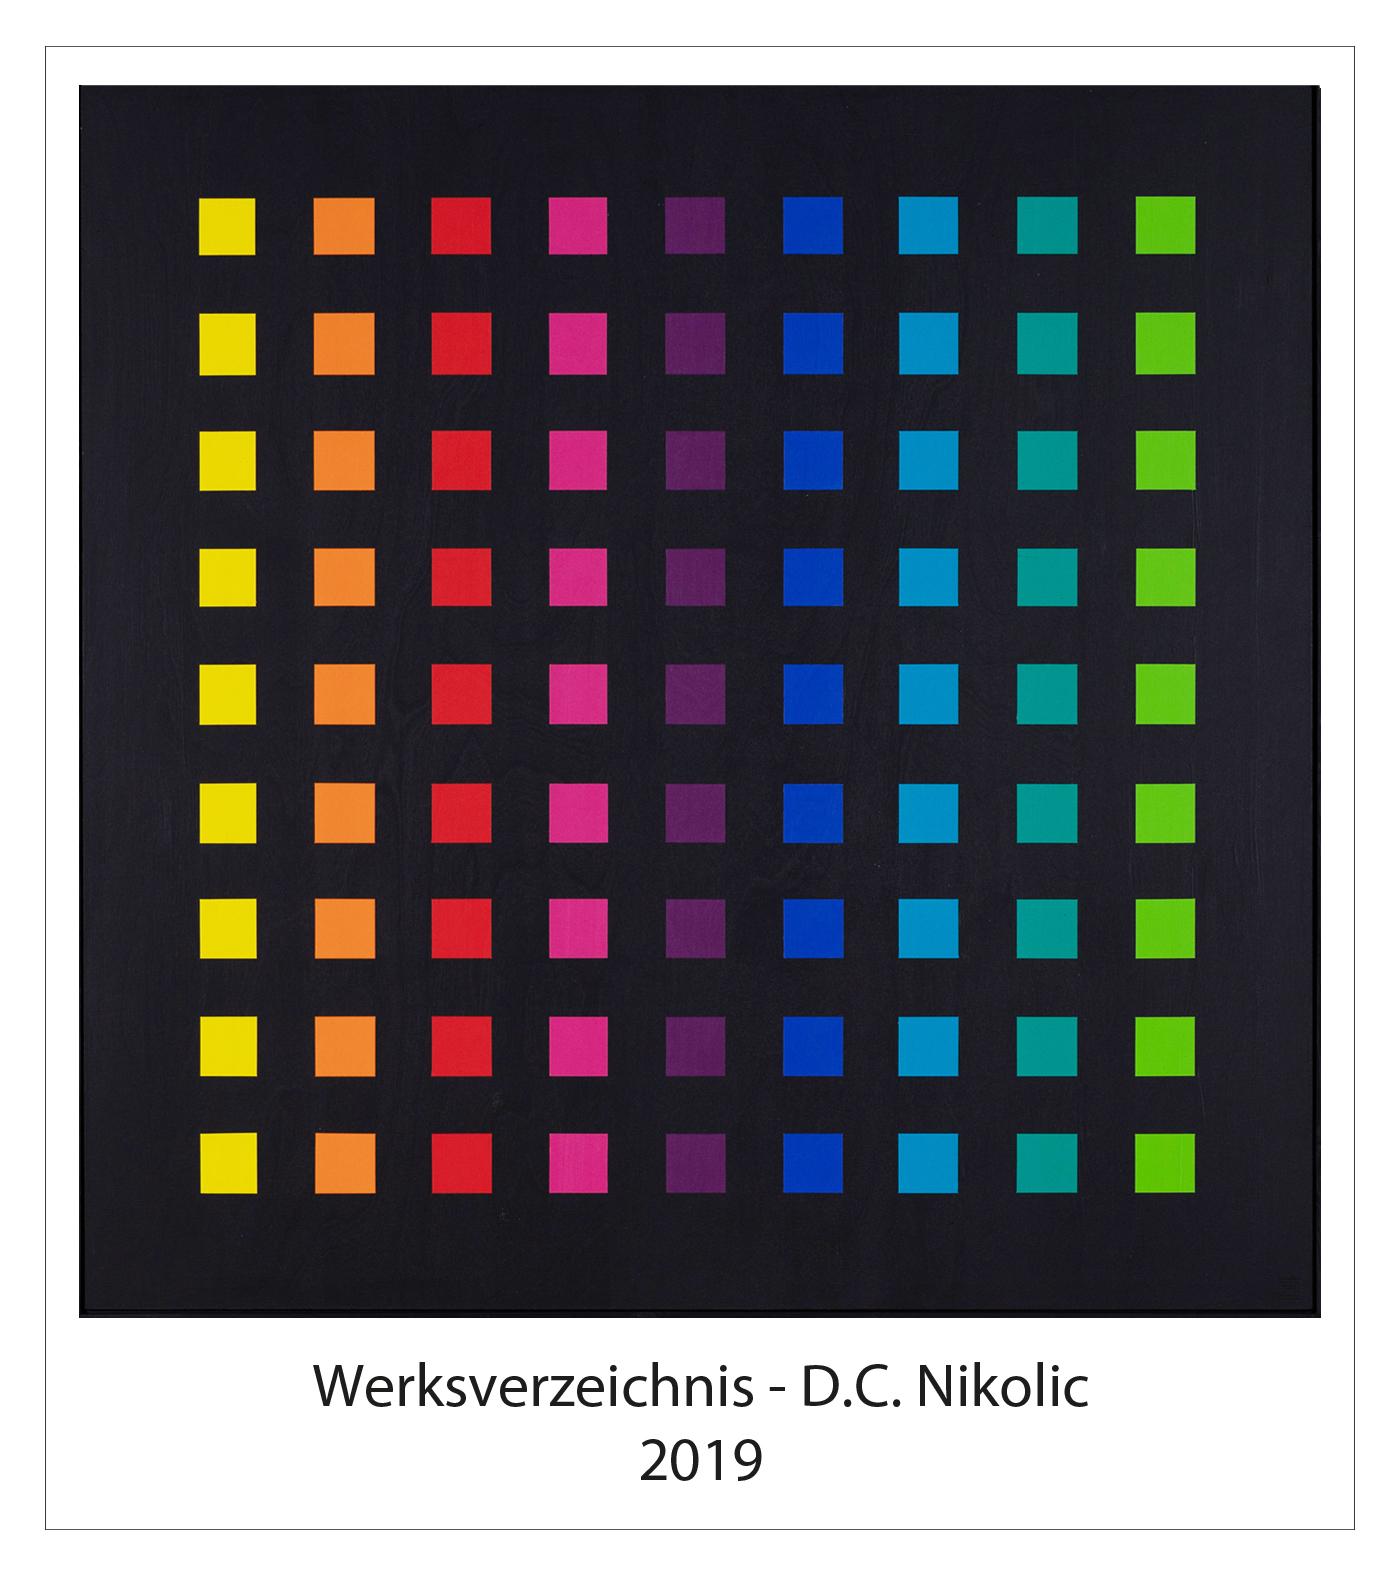 Werksverzeichnis 2019 Darko Caramello Nikolic